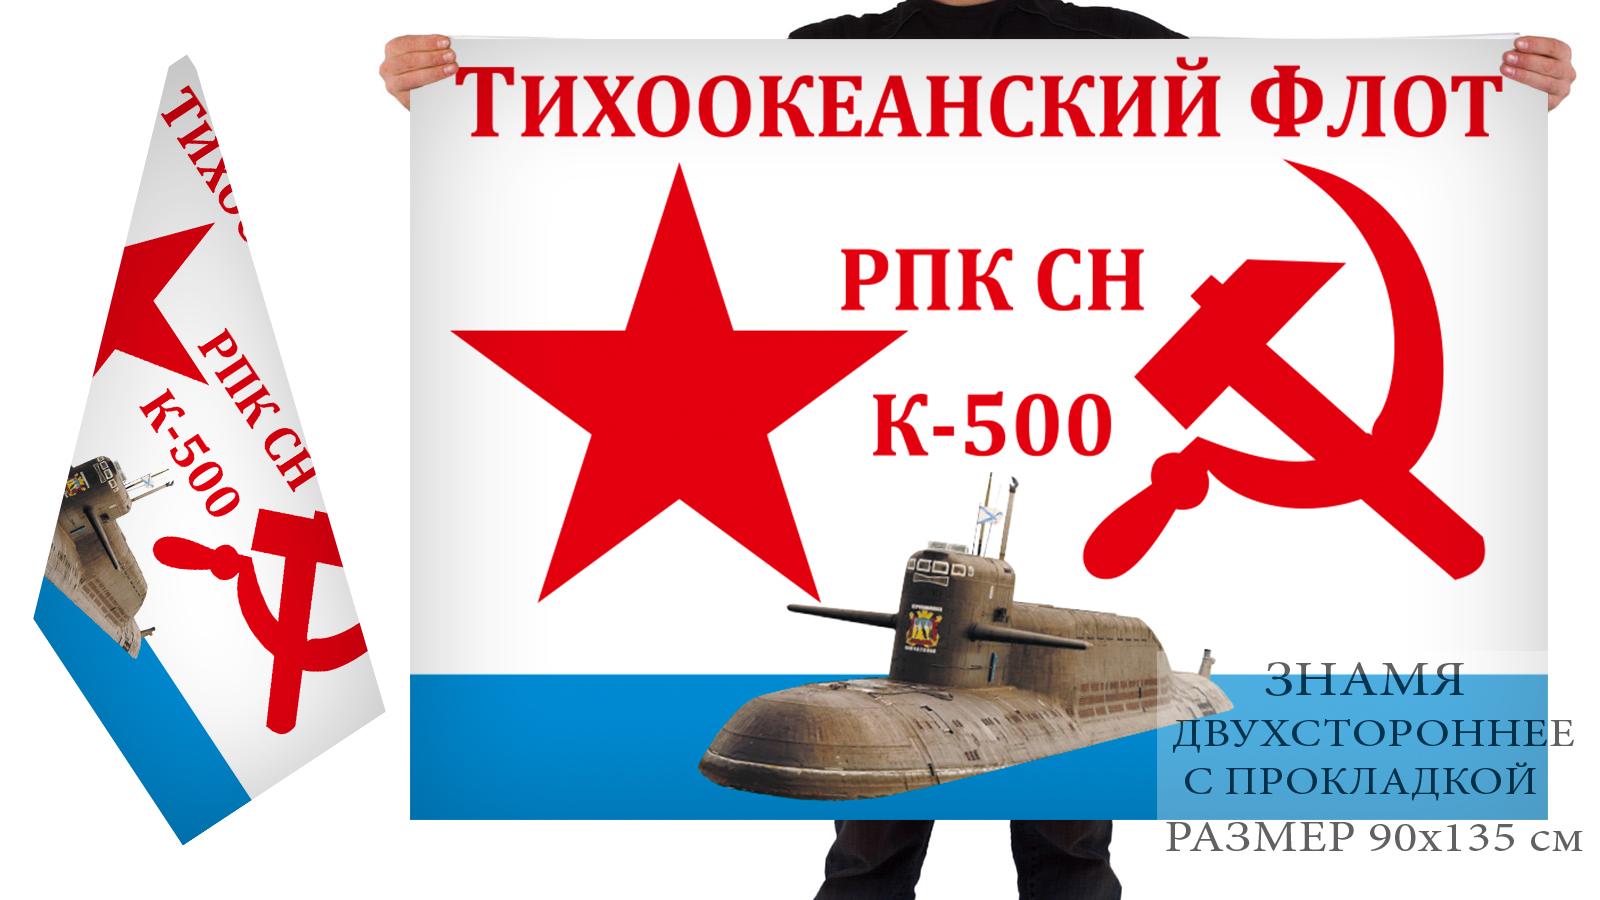 Флаг атомного подводного крейсера К-500 Тихоокеанского флота